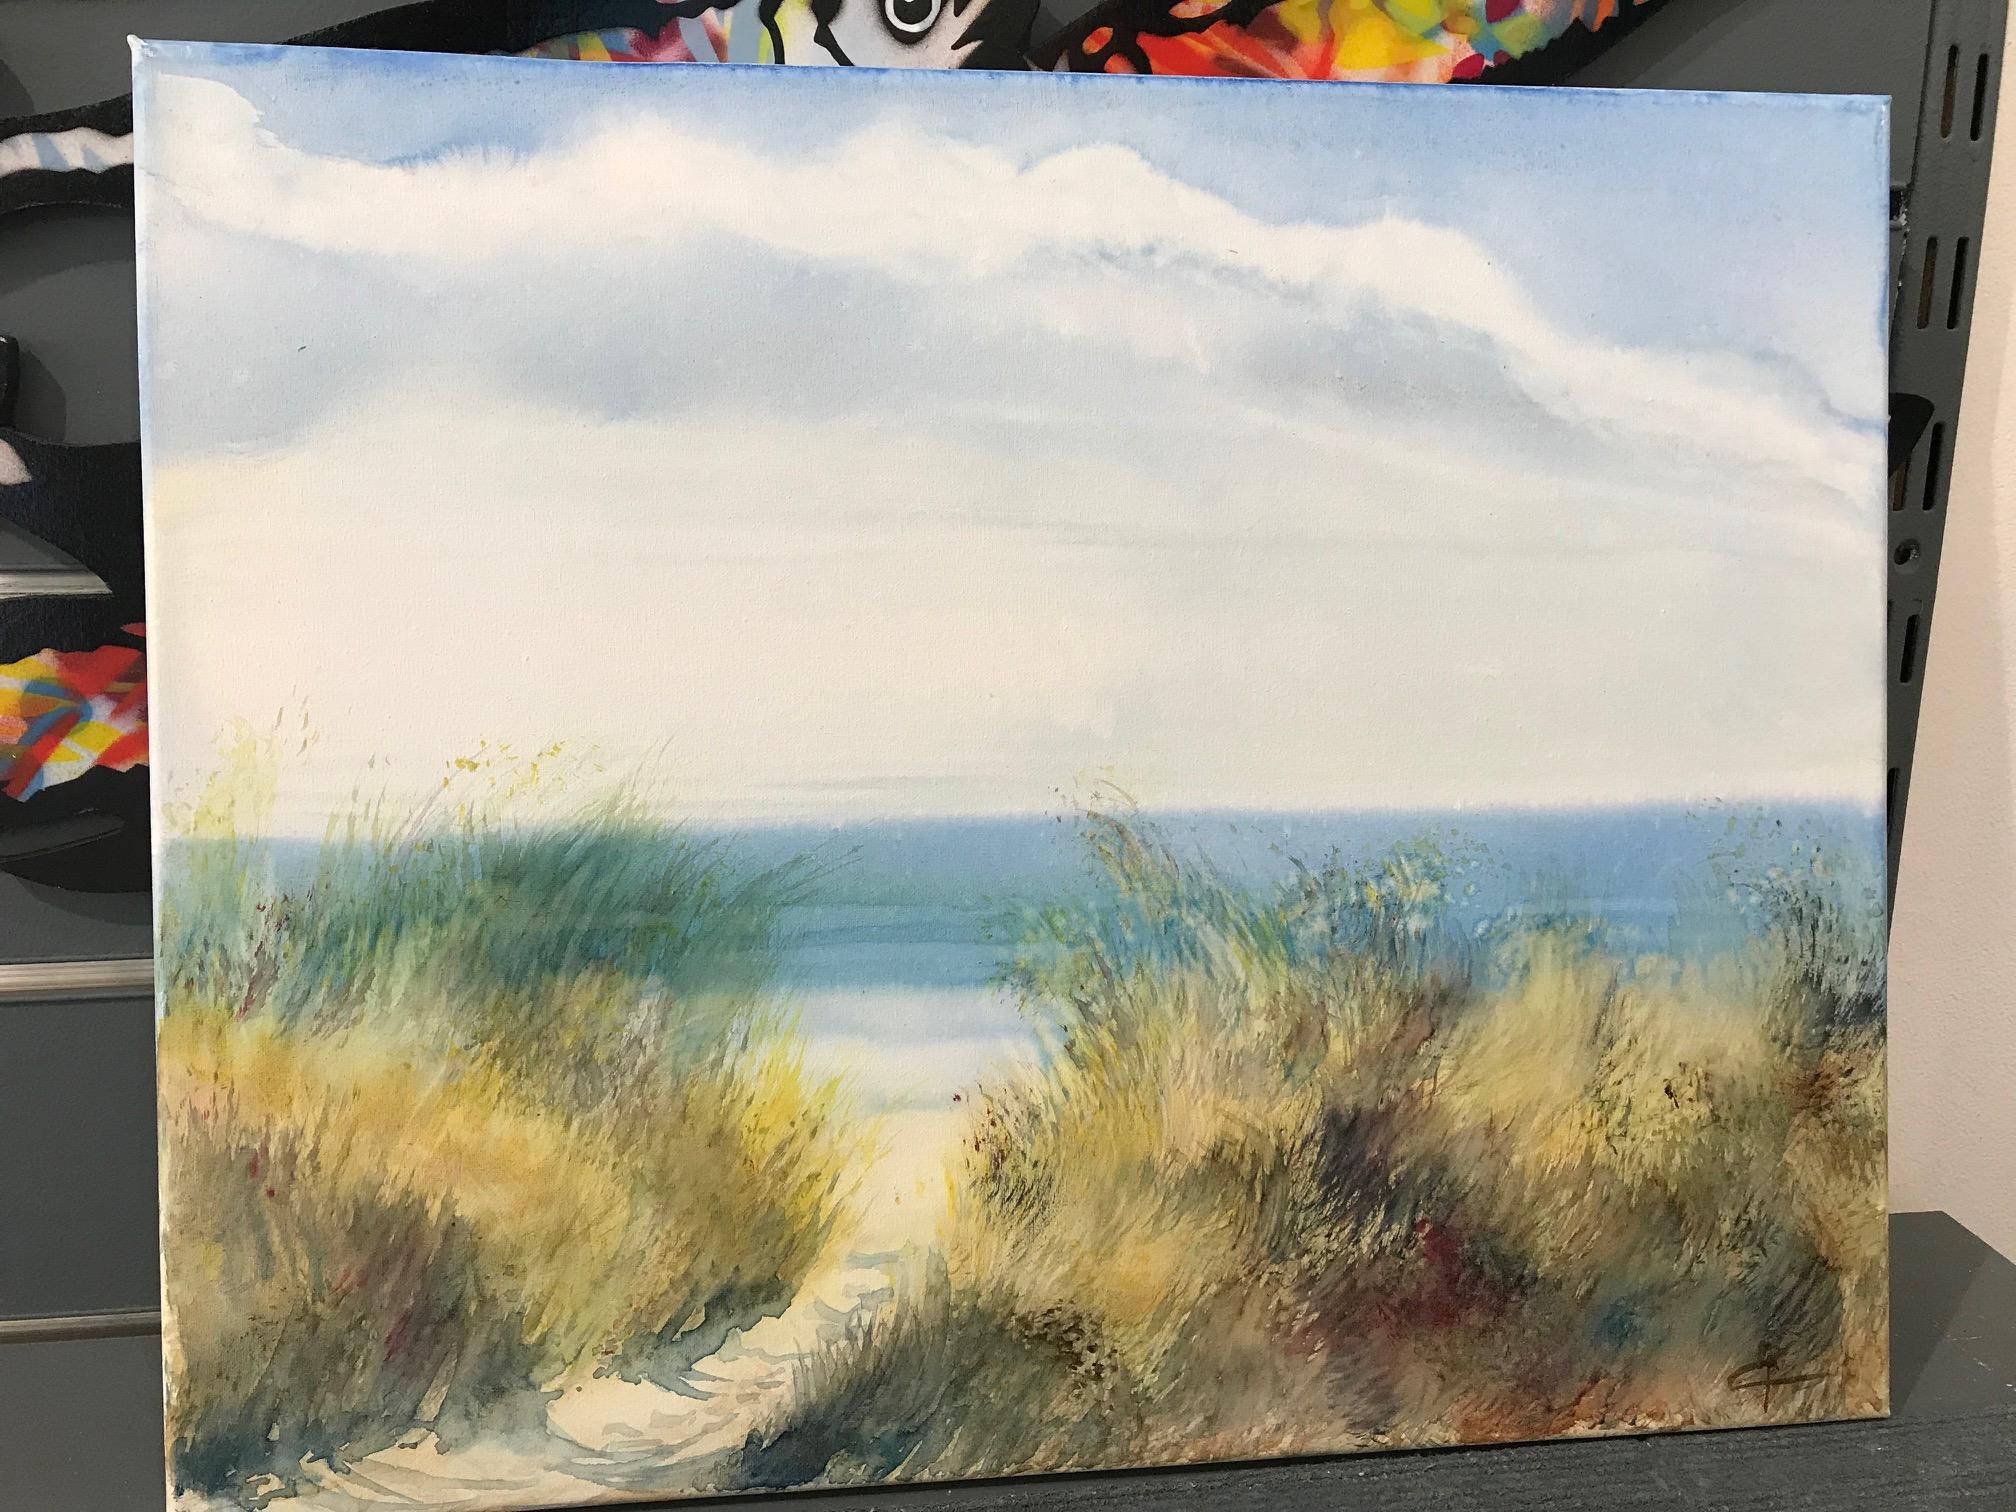 Caroline Raillard Le jeu du vent Aquarelle sur toile 6F 33x41cm galerie du 1er Oléron